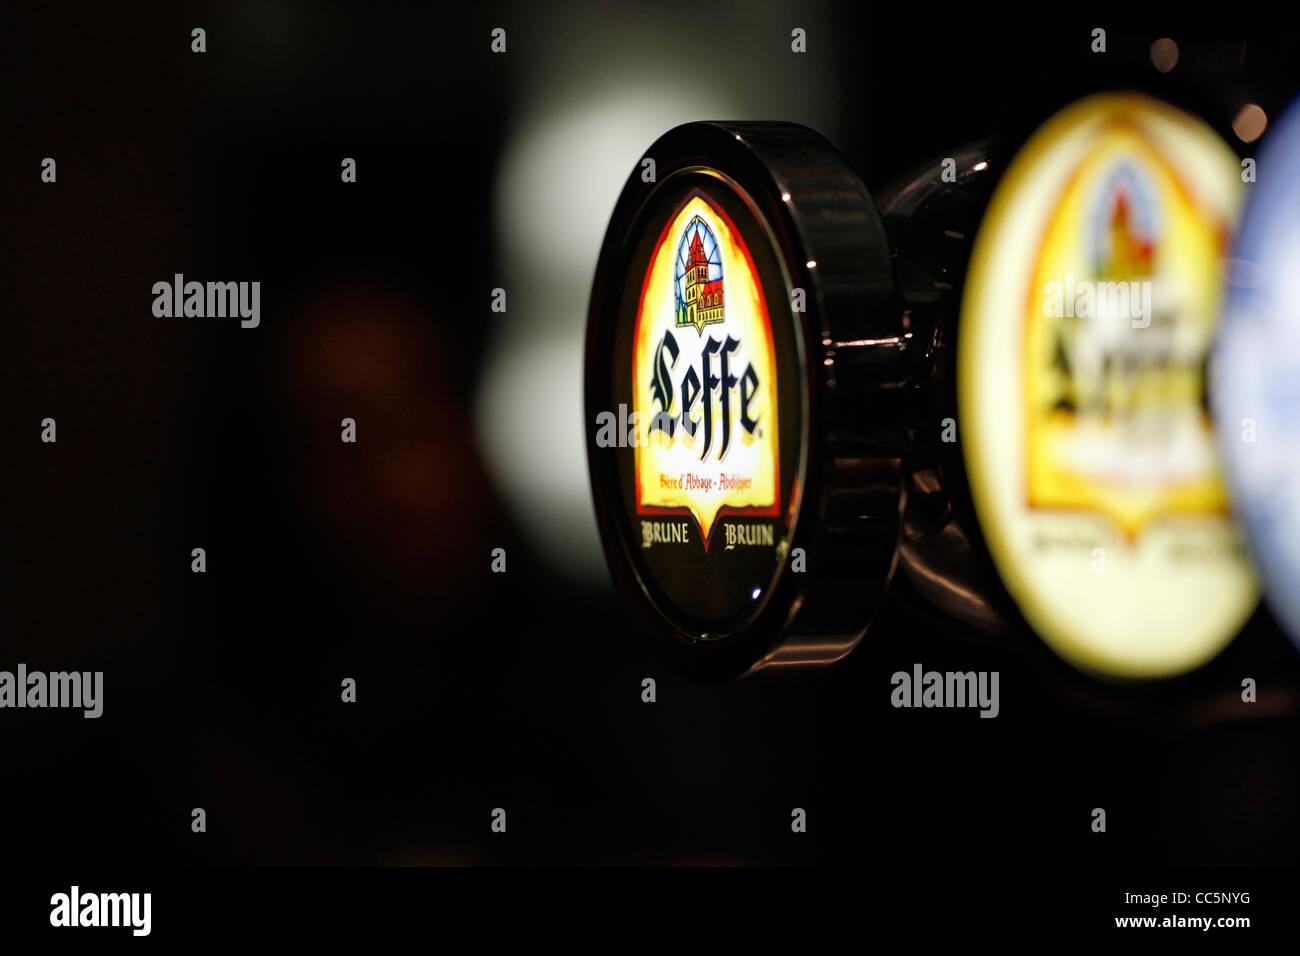 Beer Tap Belgium Stock Photos & Beer Tap Belgium Stock Images - Alamy